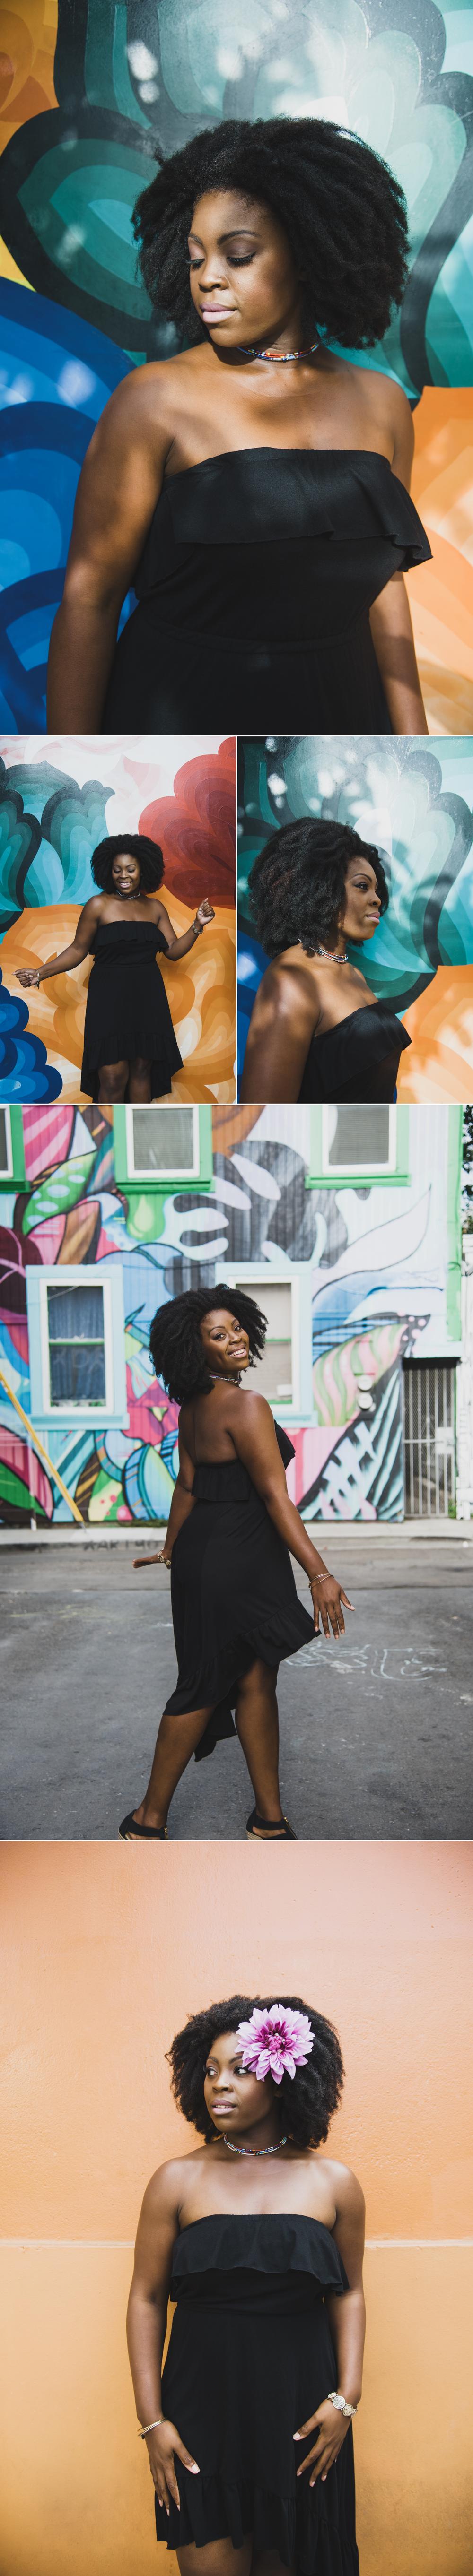 Women-afro-portrait-in-sf.png